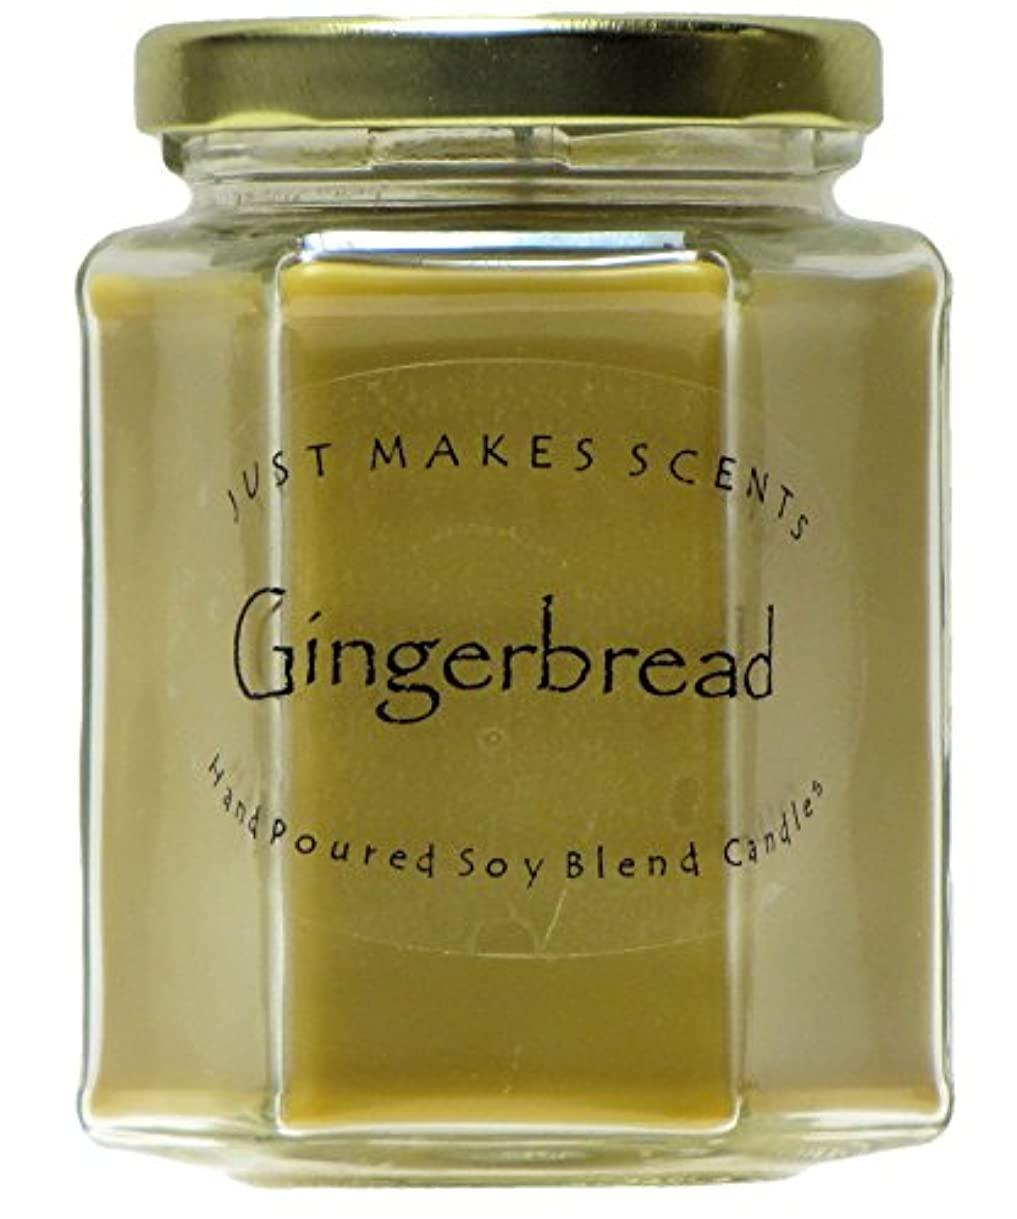 有罪するだろうクリスマスGingerbread香りつきBlended Soy Candle by Just Makes Scents